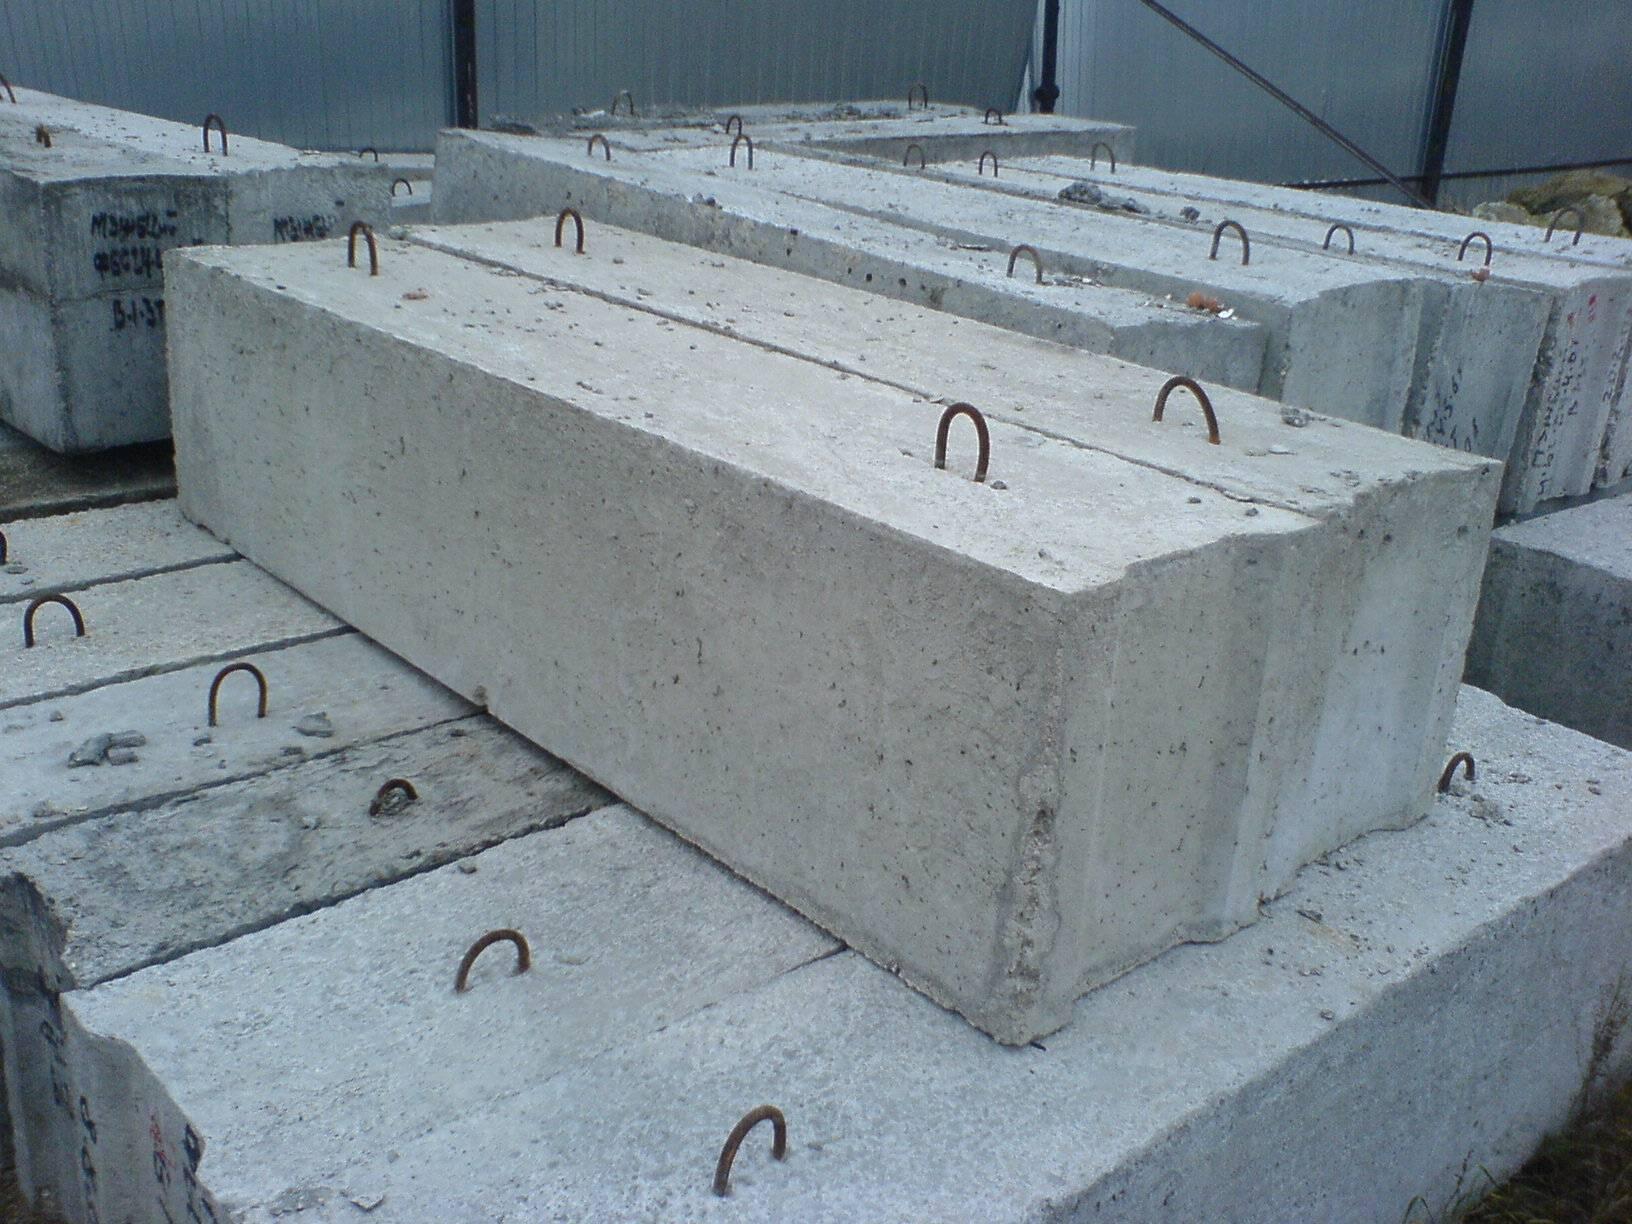 Вес газосиликатного (газобетонного) блока: как рассчитать сколько весит 1 штука и 1 м3 материала